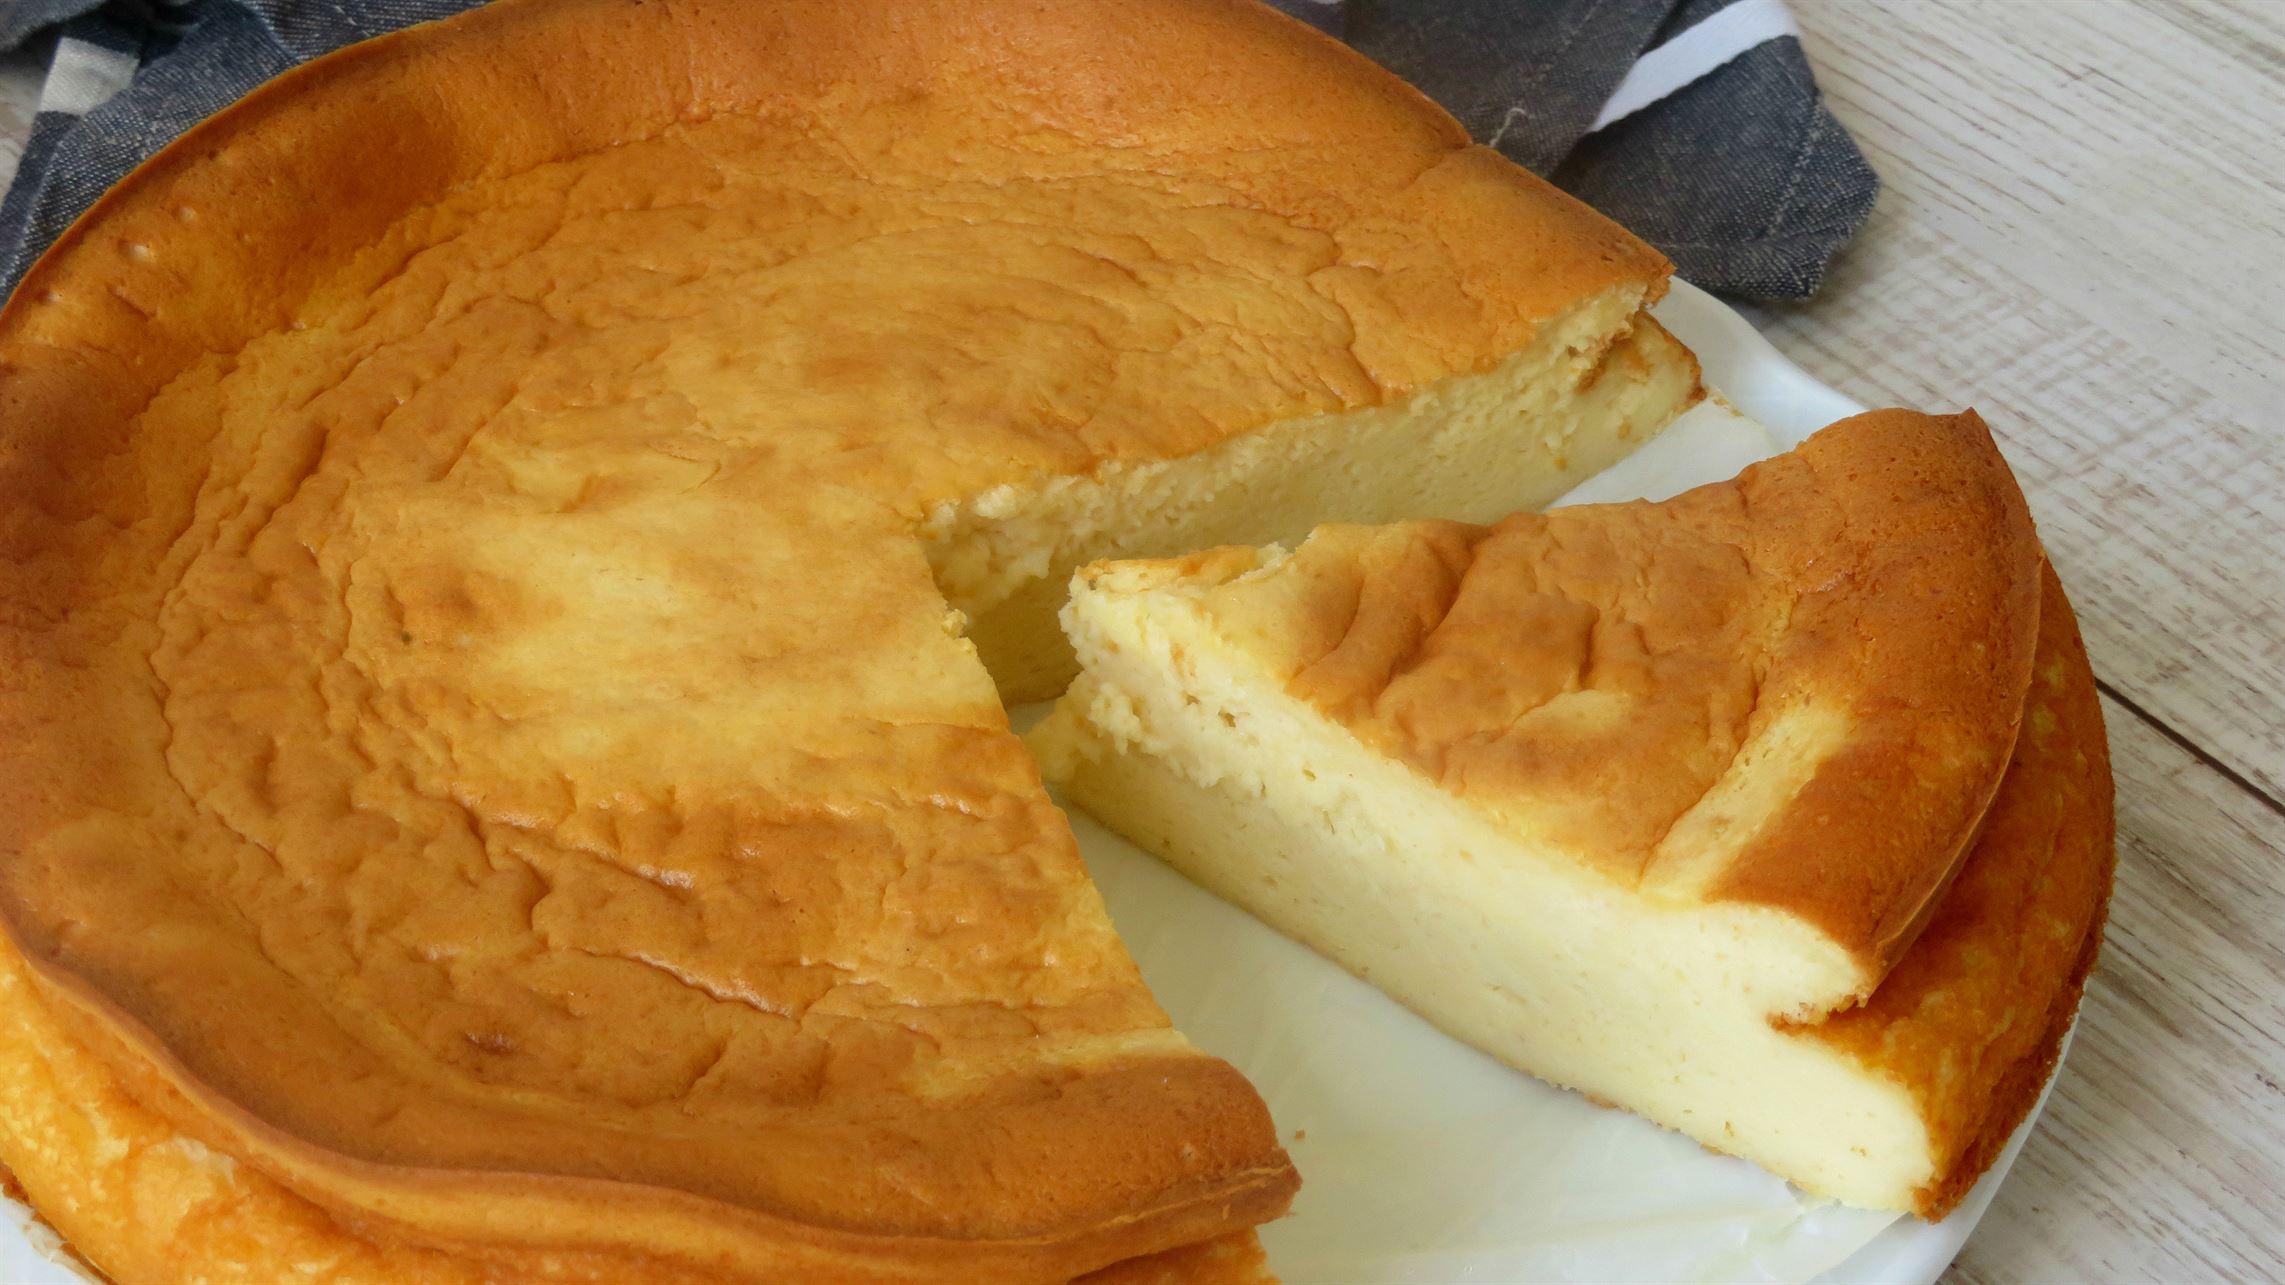 Tarta de queso al horno más fácil. Súper esponjosa y con poco azúcar.